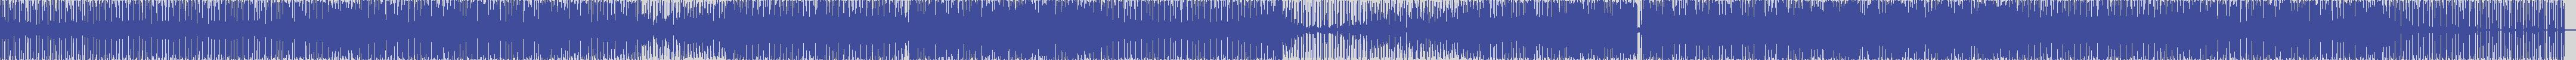 bunny_clan [BYC048] Kenny Bizzarro - Jack 1976 [Party RMX] audio wave form